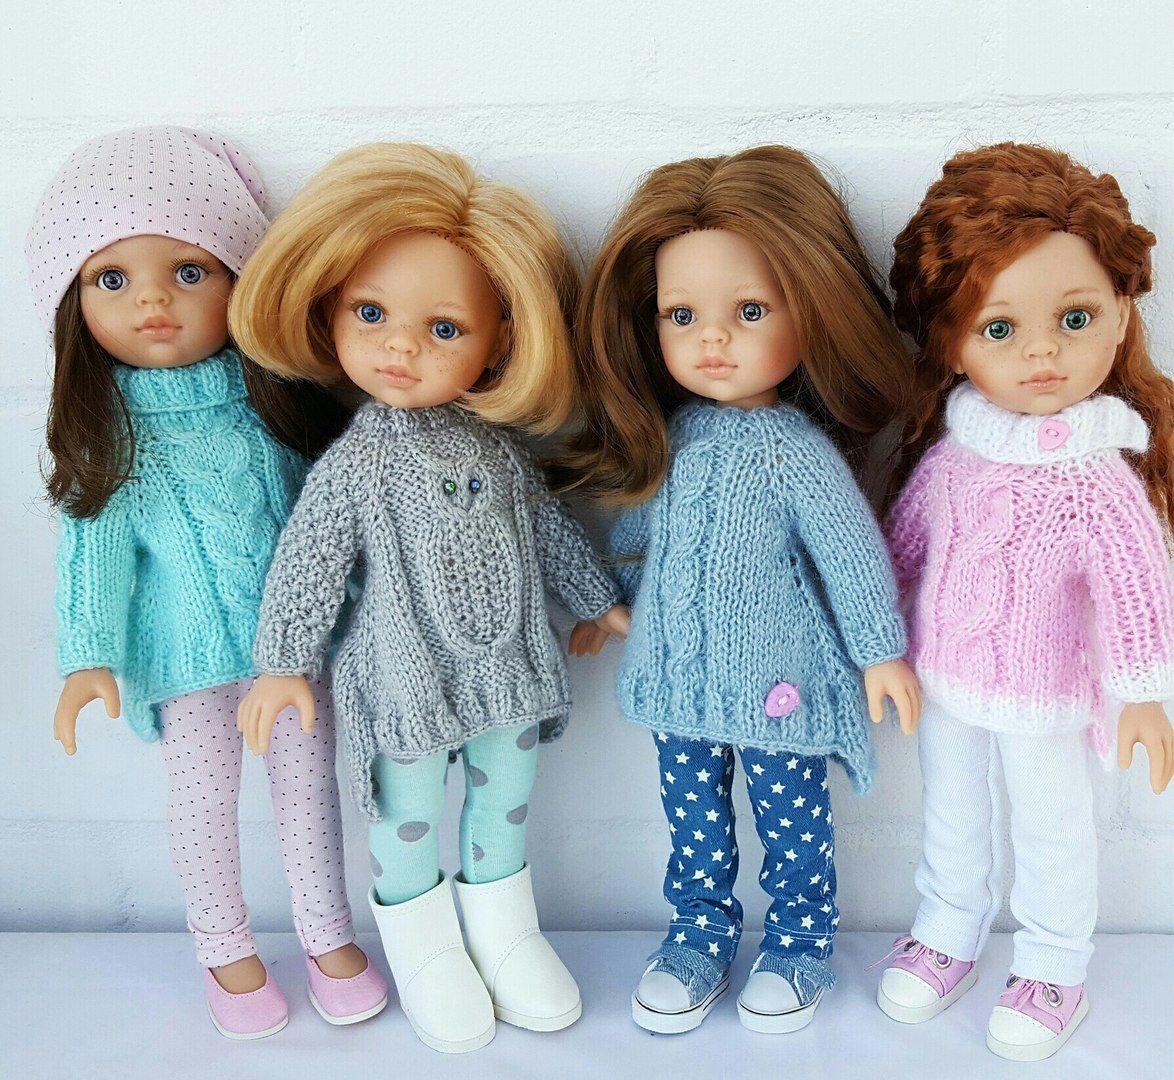 Картинки кукольной одежды своими руками